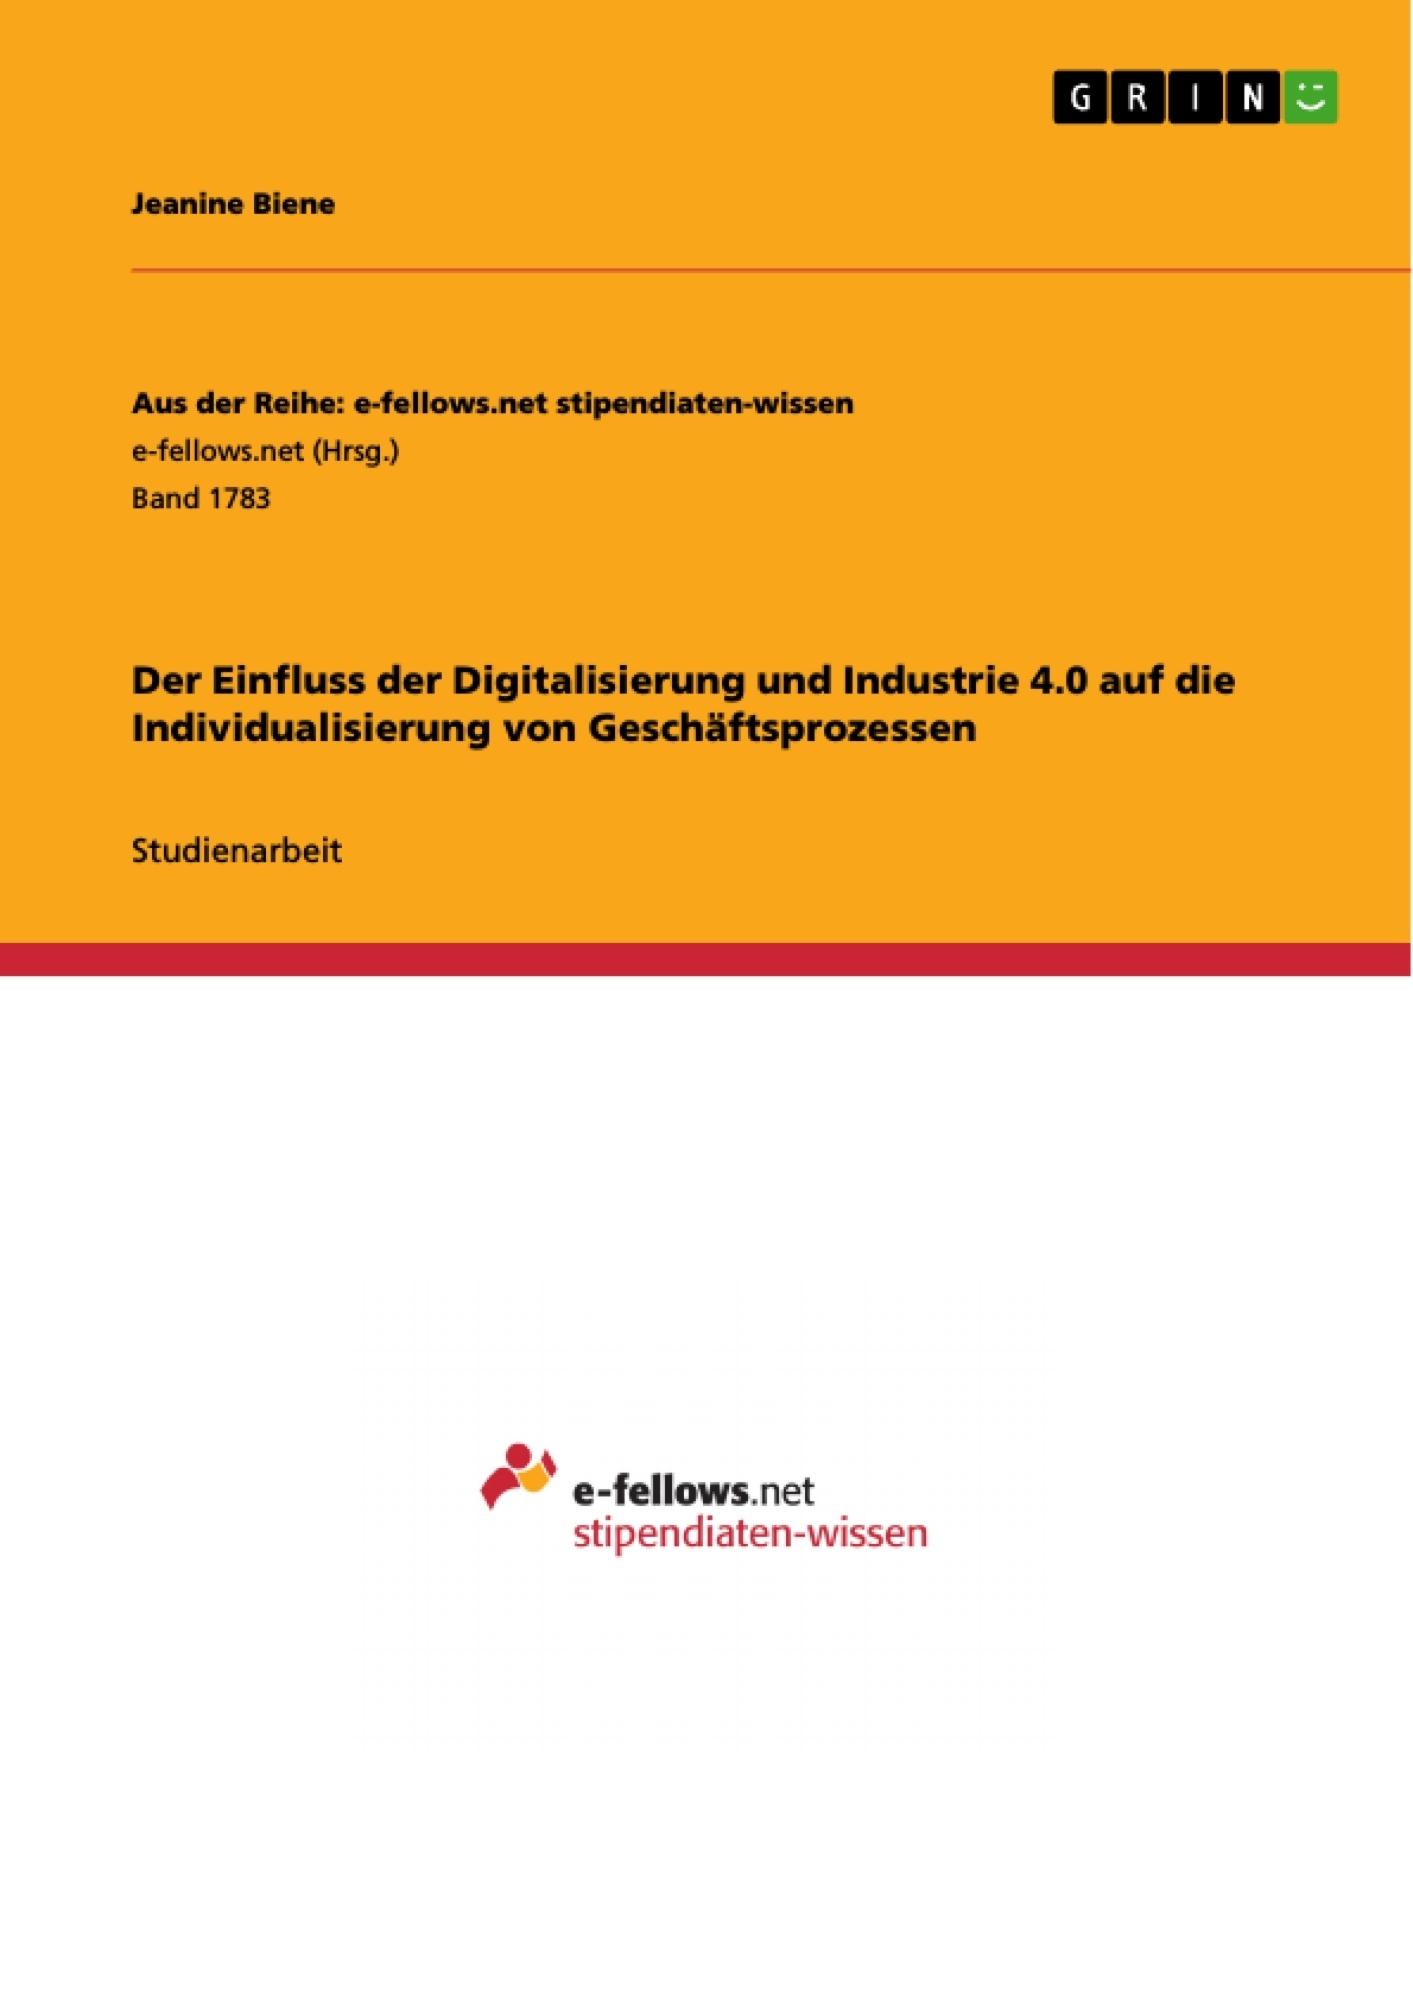 Titel: Der Einfluss der Digitalisierung und Industrie 4.0 auf die Individualisierung von Geschäftsprozessen